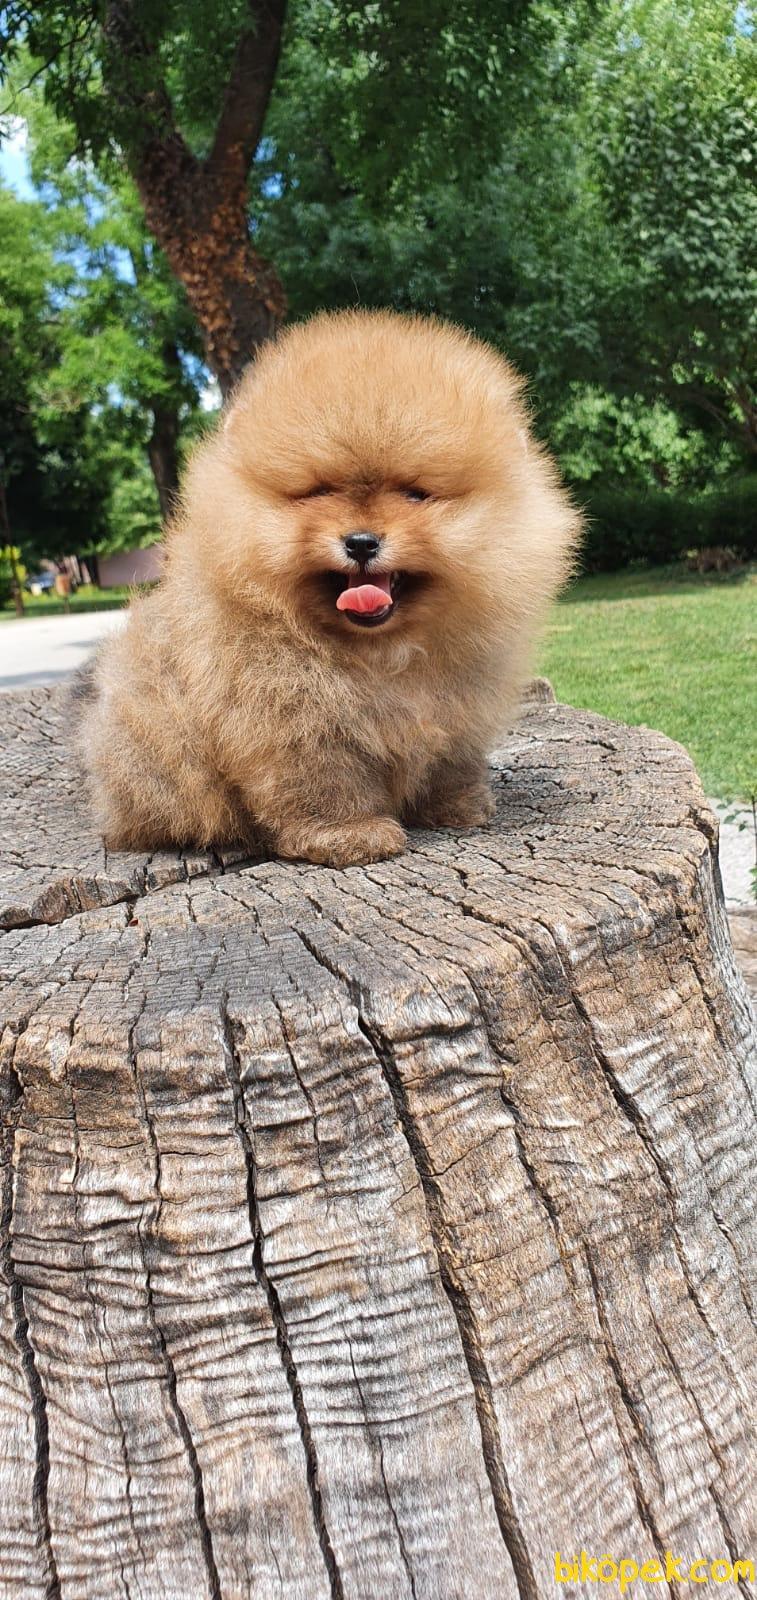 Teddy Bear Pomeranian Boo Orjinal Ayı Surat Köpeklerimiz 2